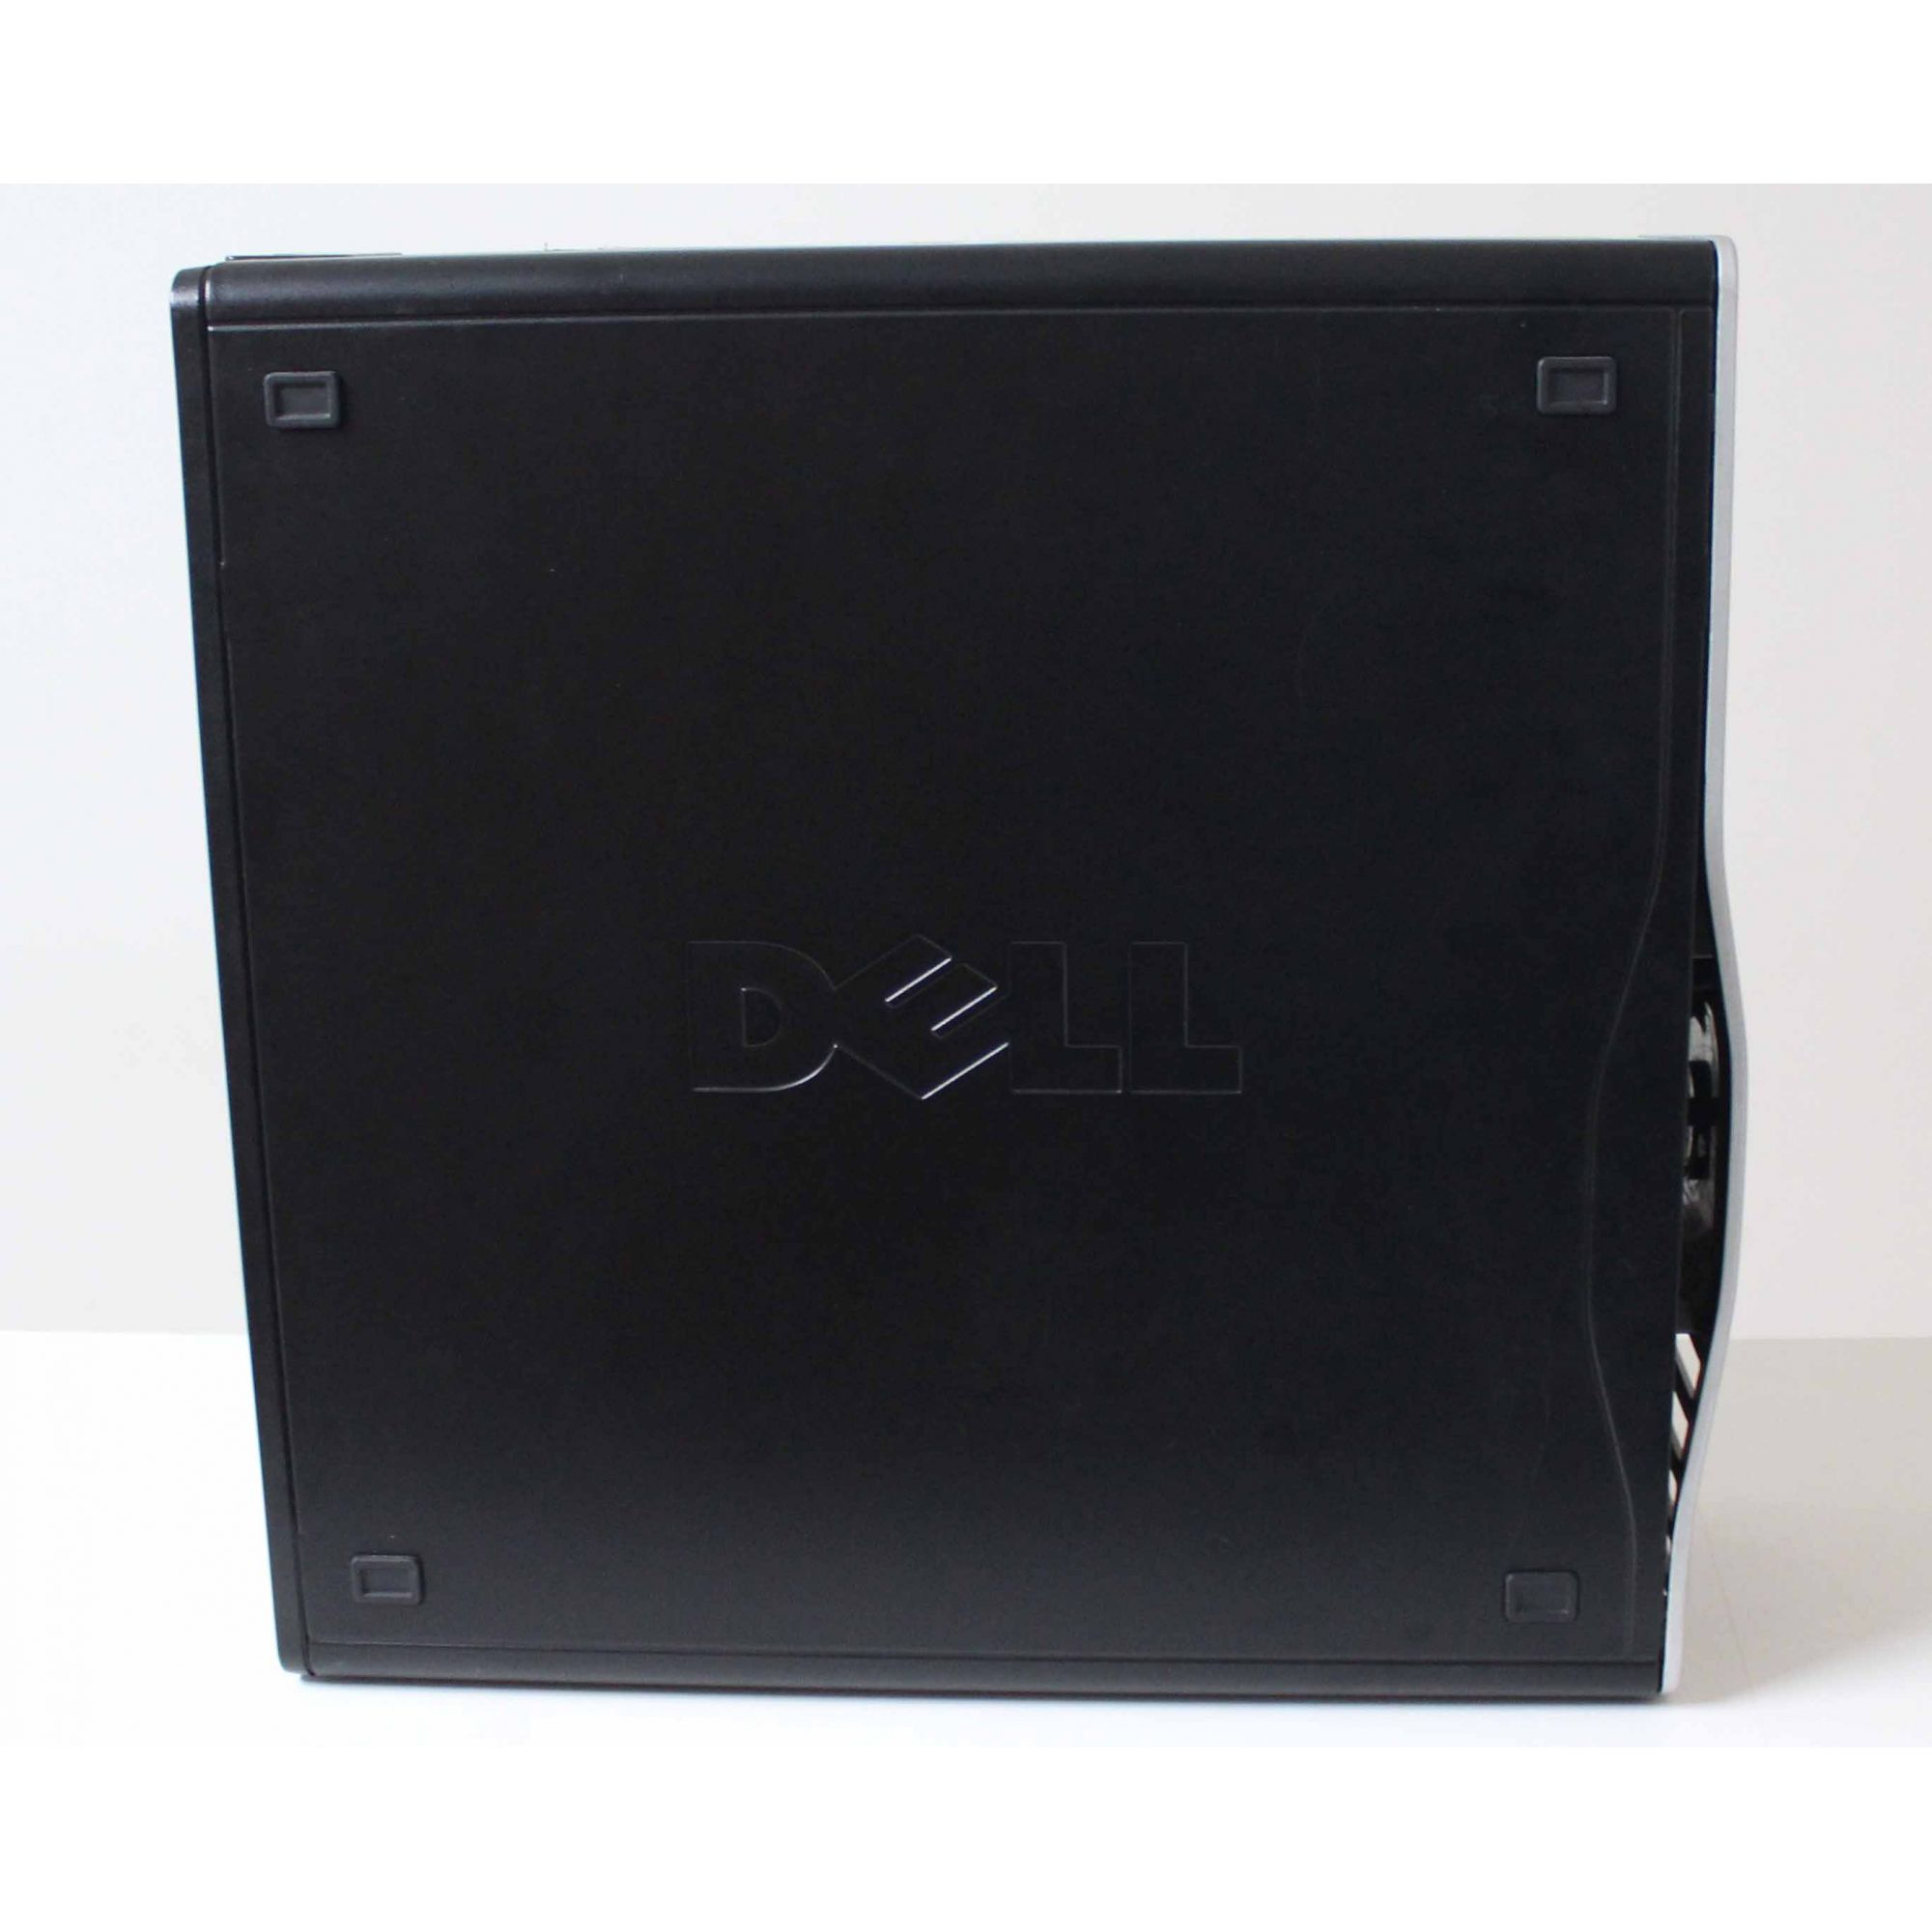 Computador Dell Precision T3500 Intel Xeon 2.8GHz 8GB HD-500GB + 2GB Dedicada